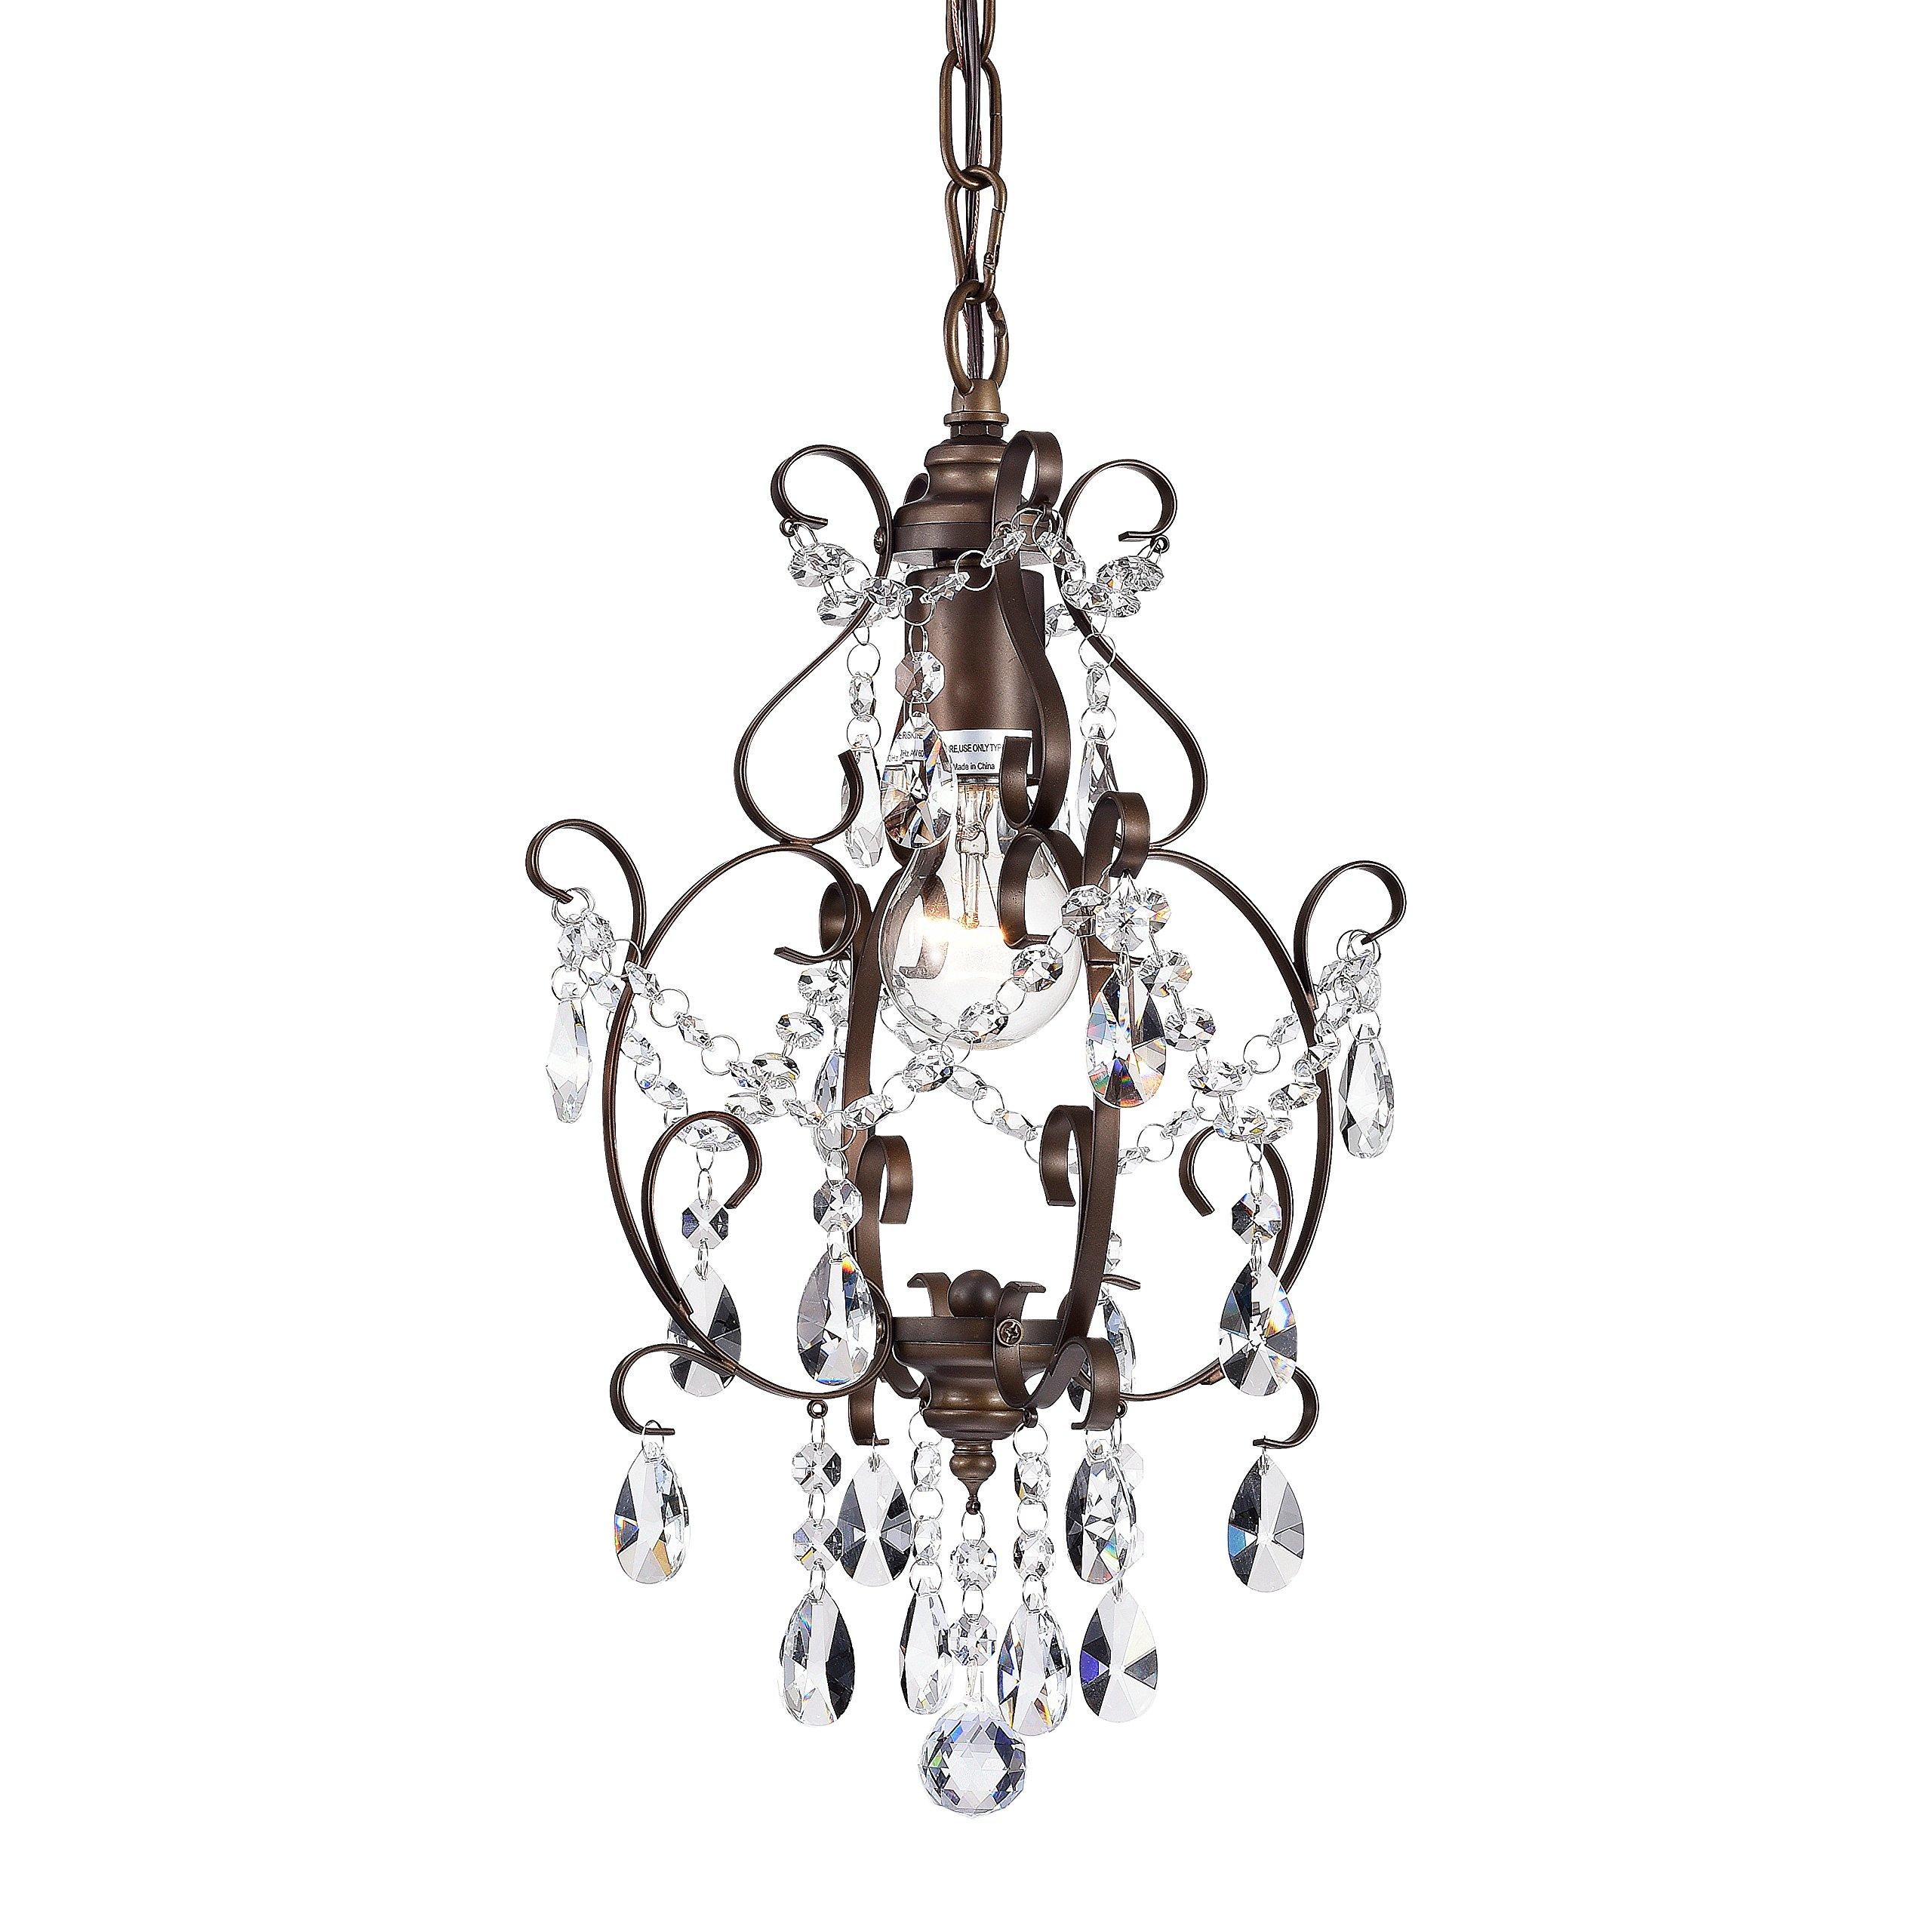 Bronze Chandelier Crystal Mini Chandelier Lighting 1 Light Ceiling Light Fixture 17043